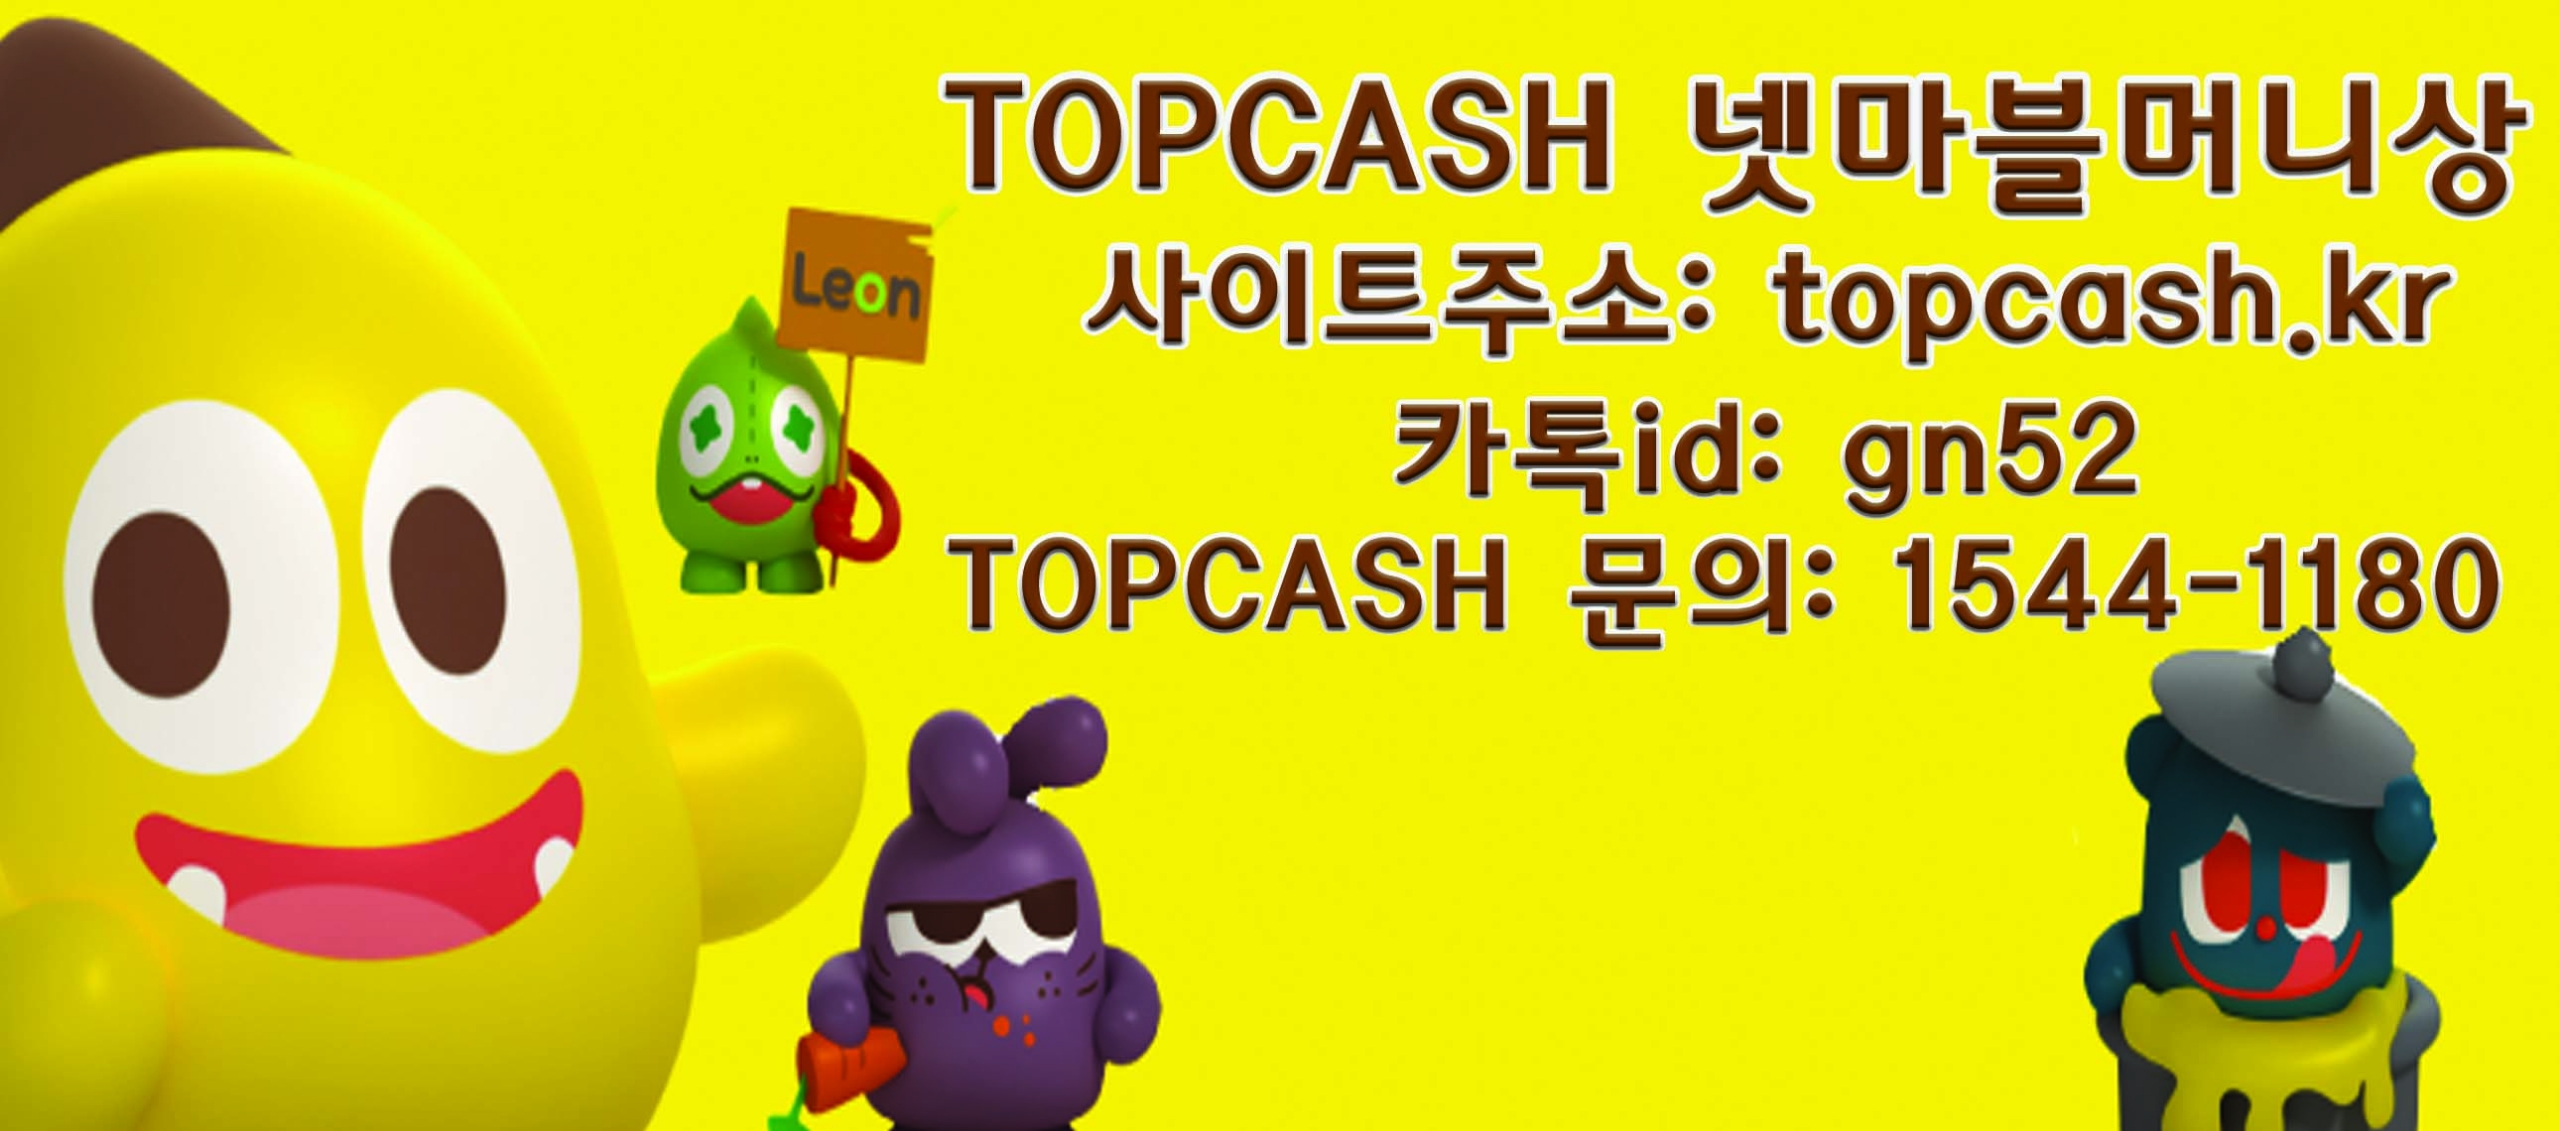 넷마블골드시세 TOPCASH닷kr (@sptakqmf21) Cover Image